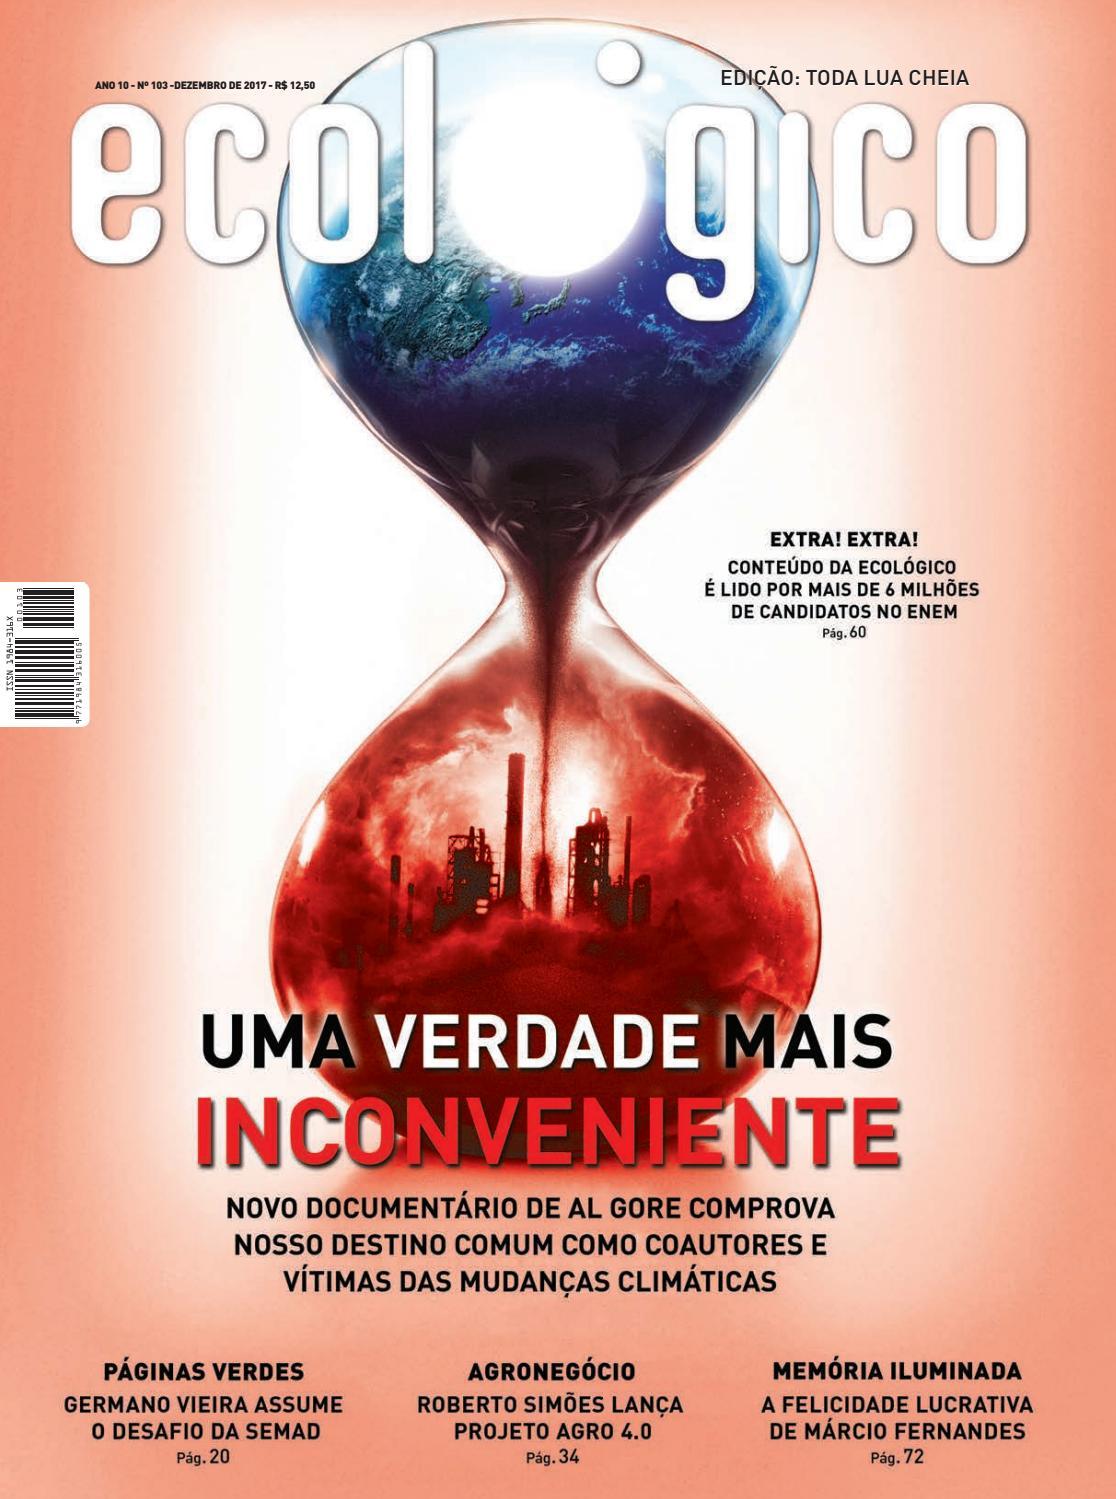 Revista Ecológico- Edição 103 by Revista Ecológico - issuu 0a89491178